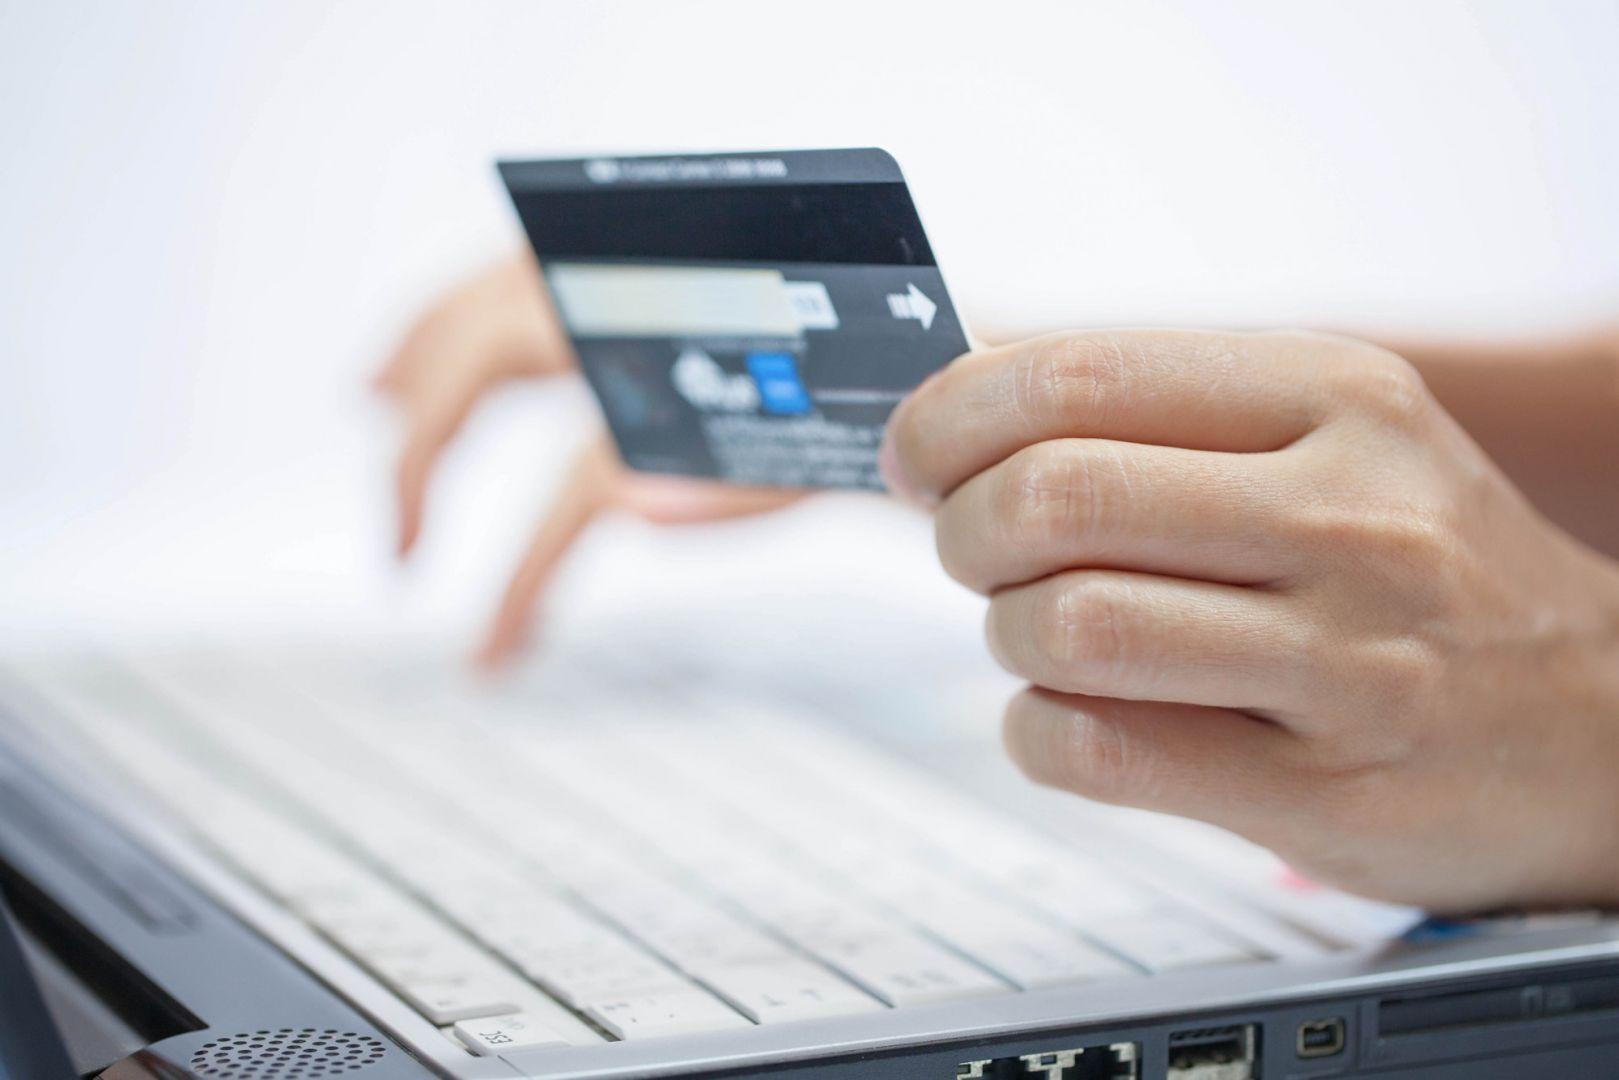 Как оплачивается госпошлина за регистрацию автомобиля за что платится госпошлина